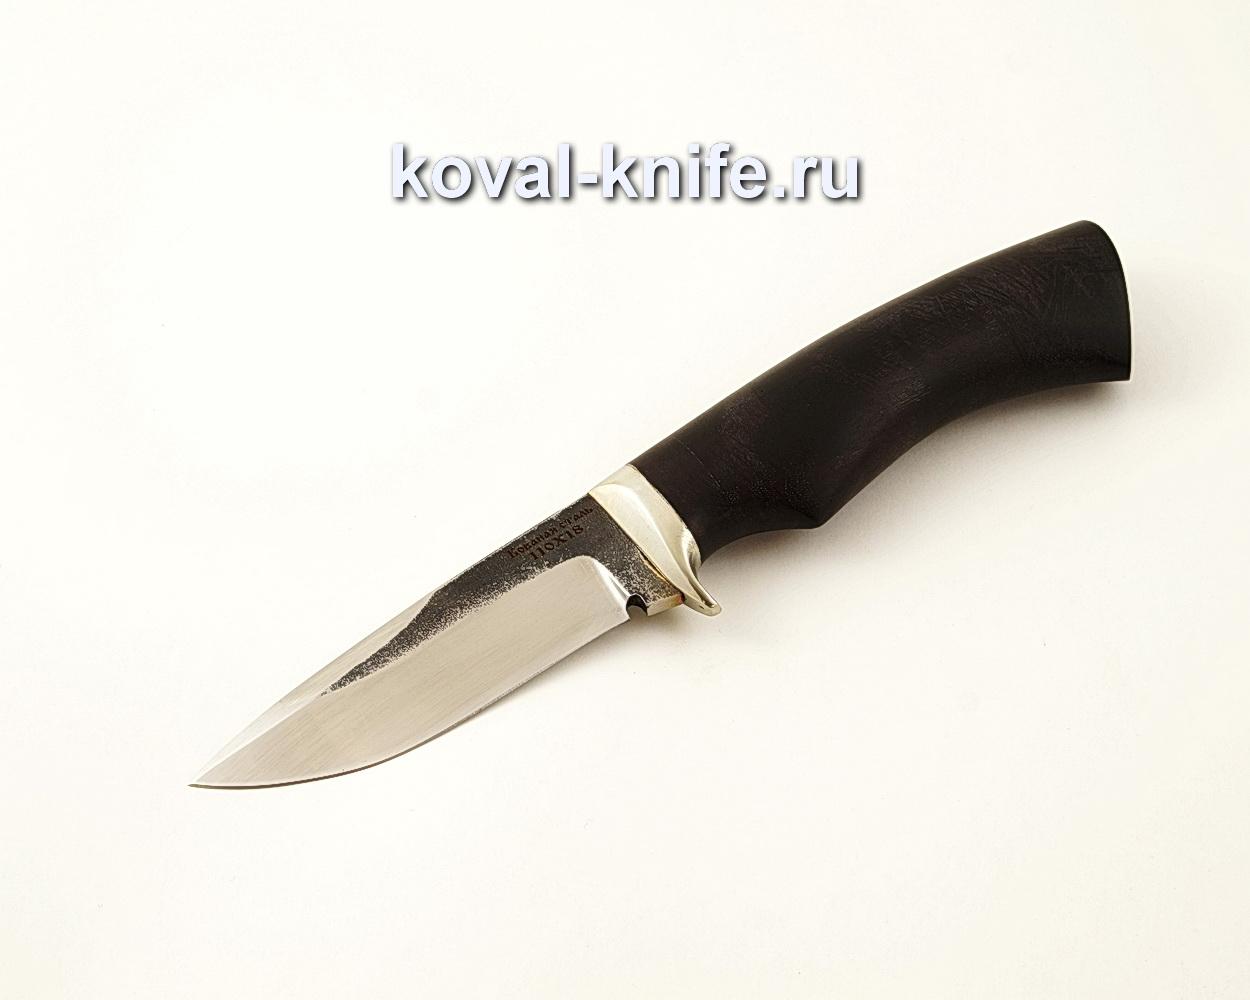 Нож Сапсан из кованой стали 110Х18 с рукоятью из черного граба A592